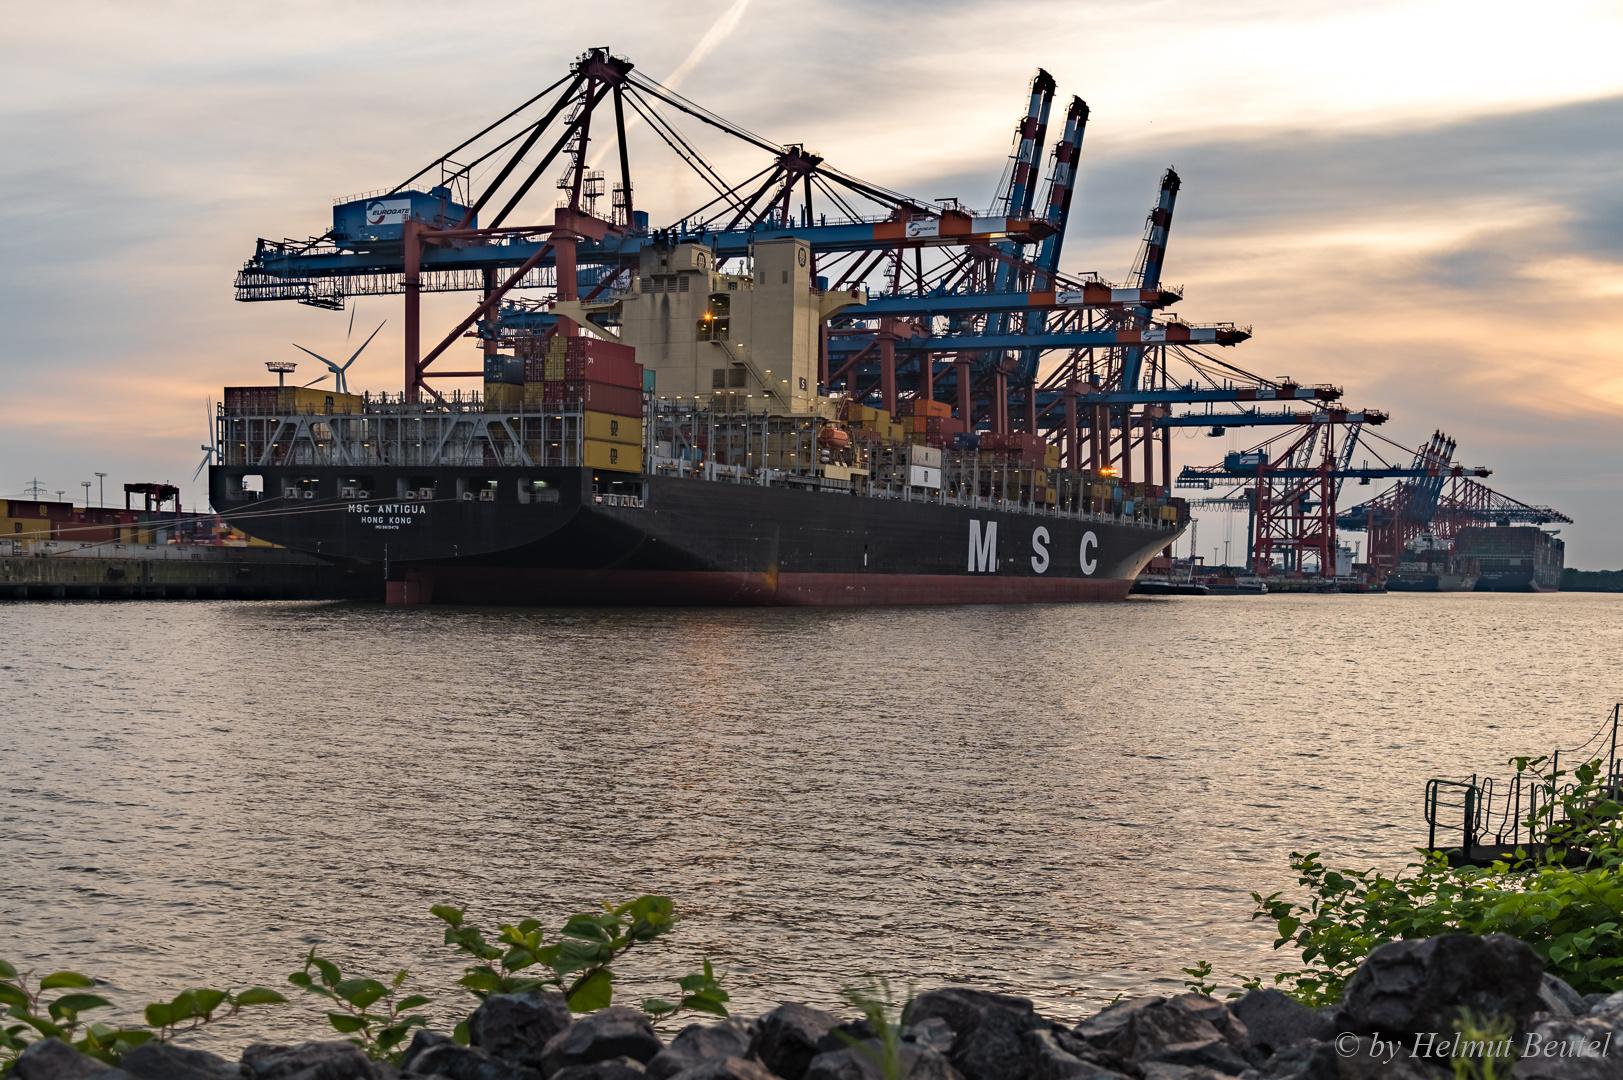 MSC ANTIGUA im Waltershofer Hafen